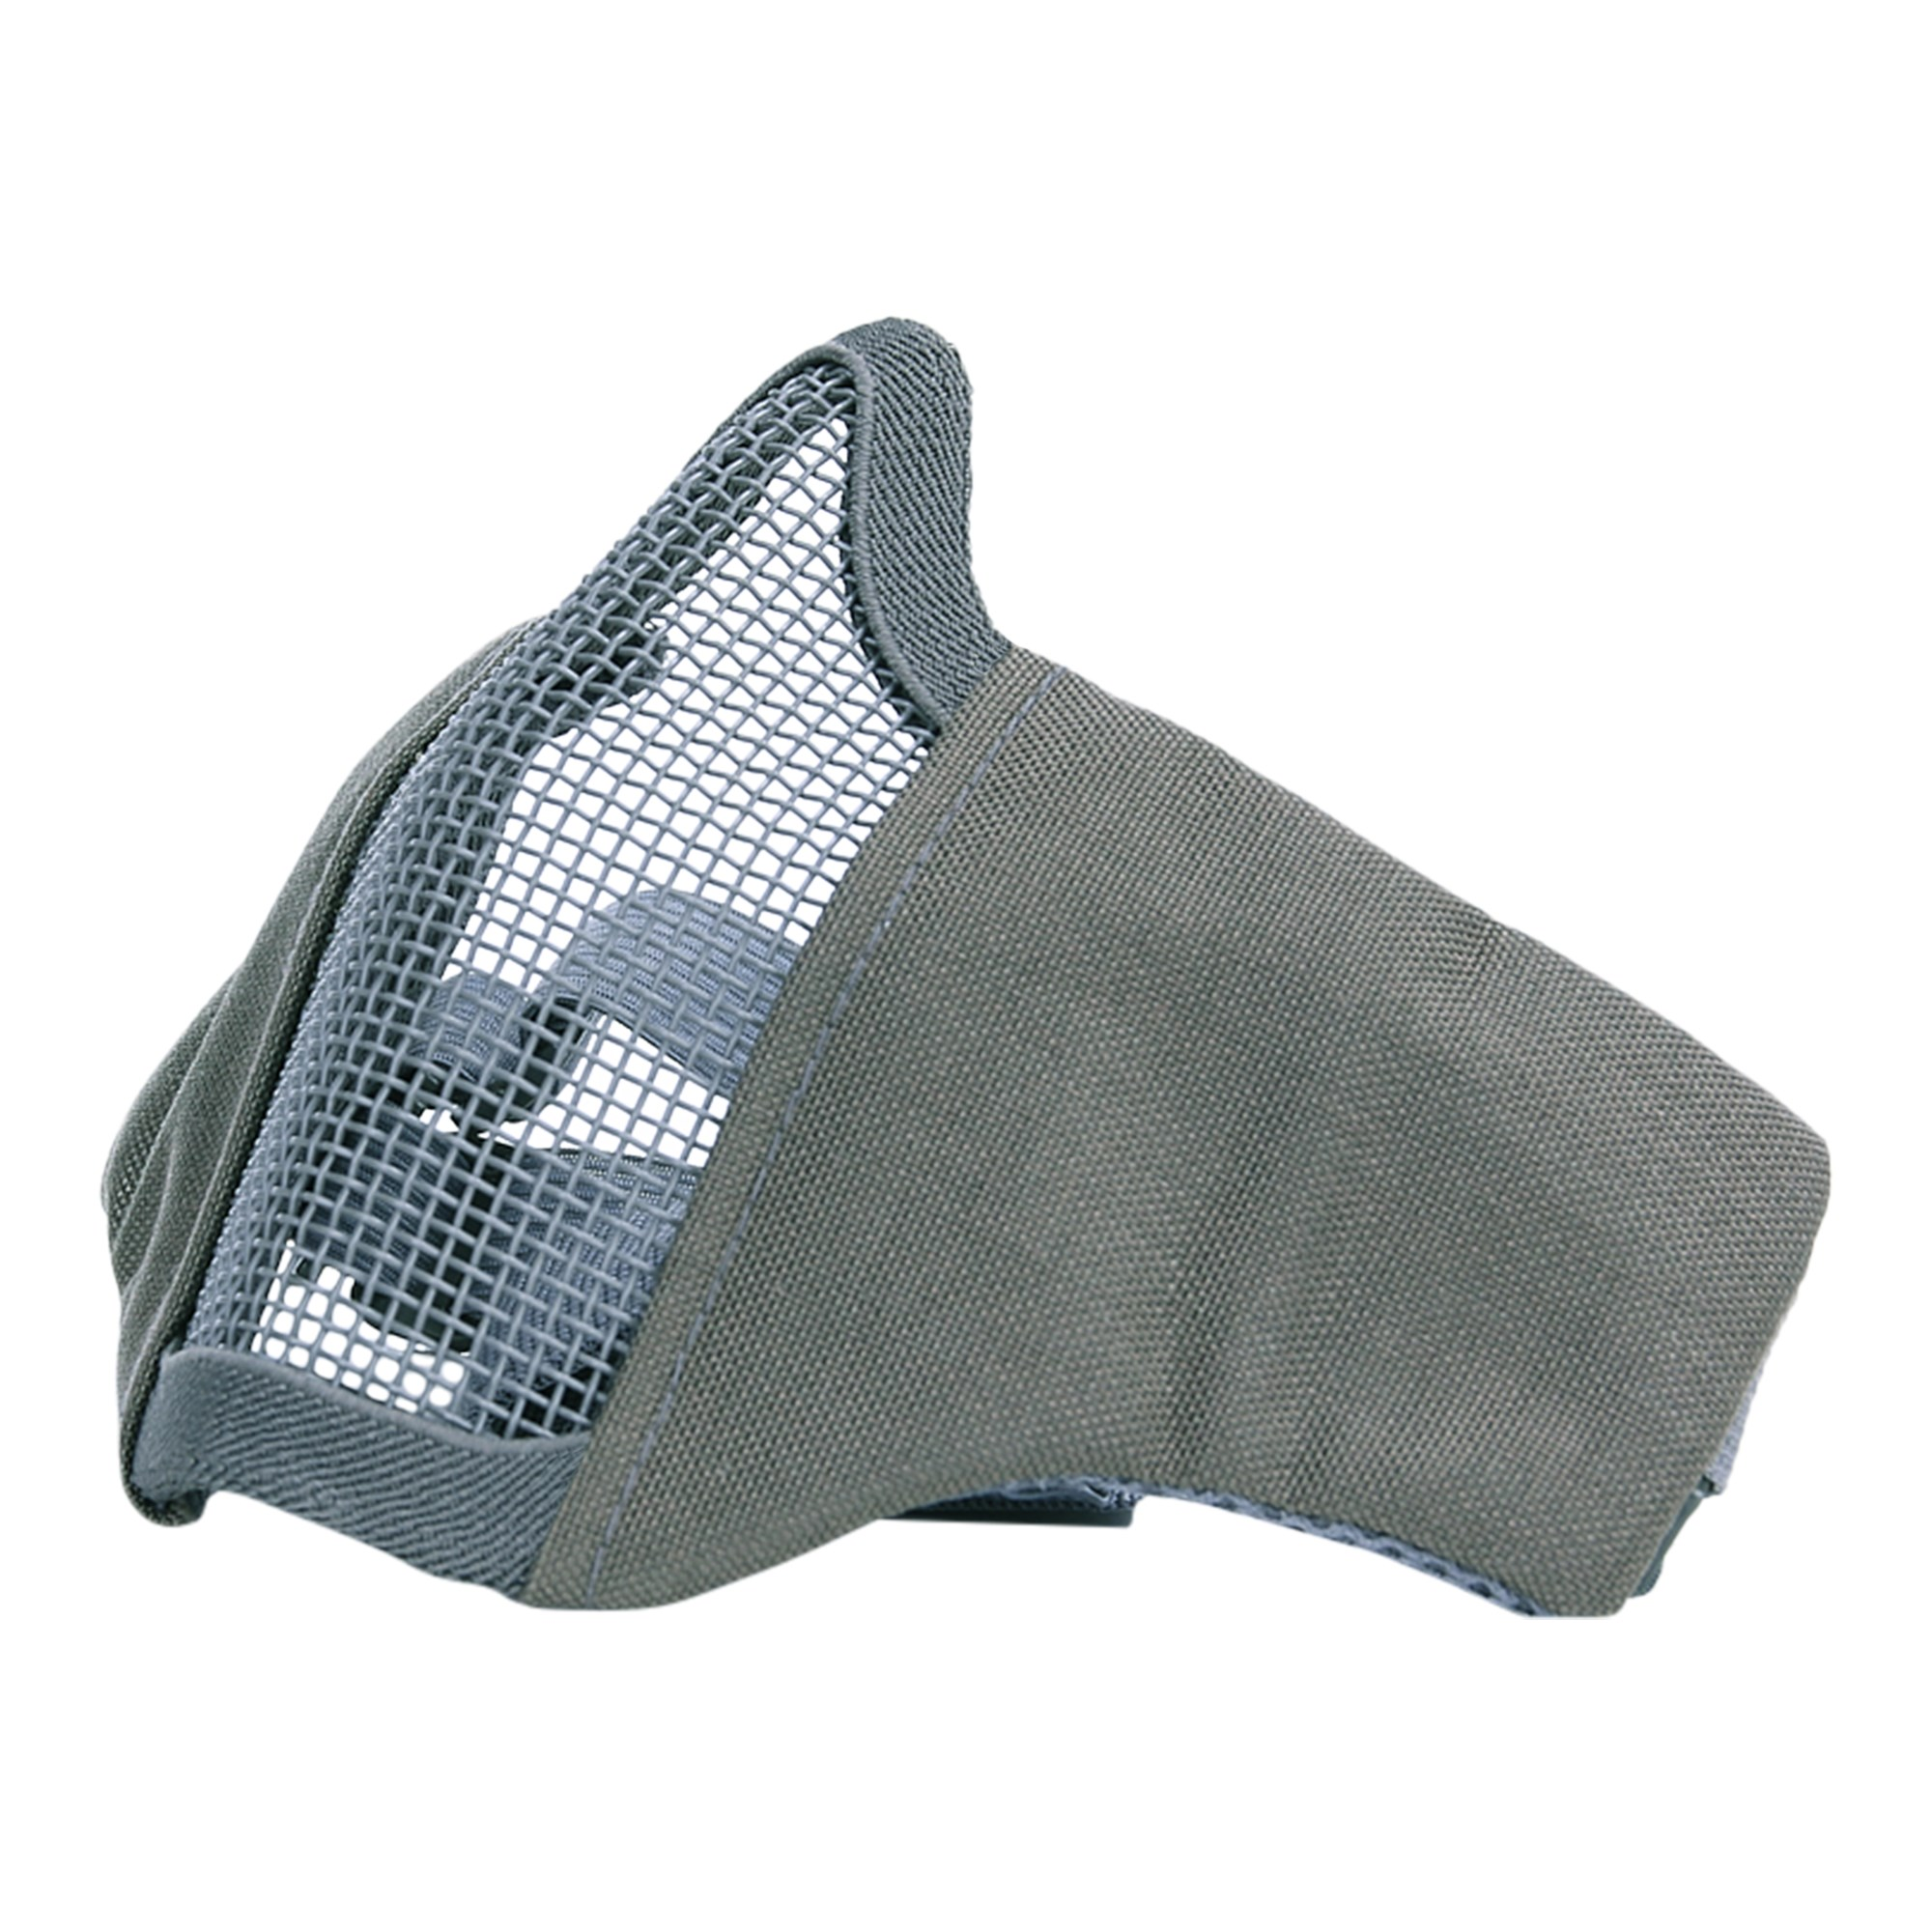 Maska AIRSOFT polstrovaná s møížkou ŠEDÁ - zvìtšit obrázek